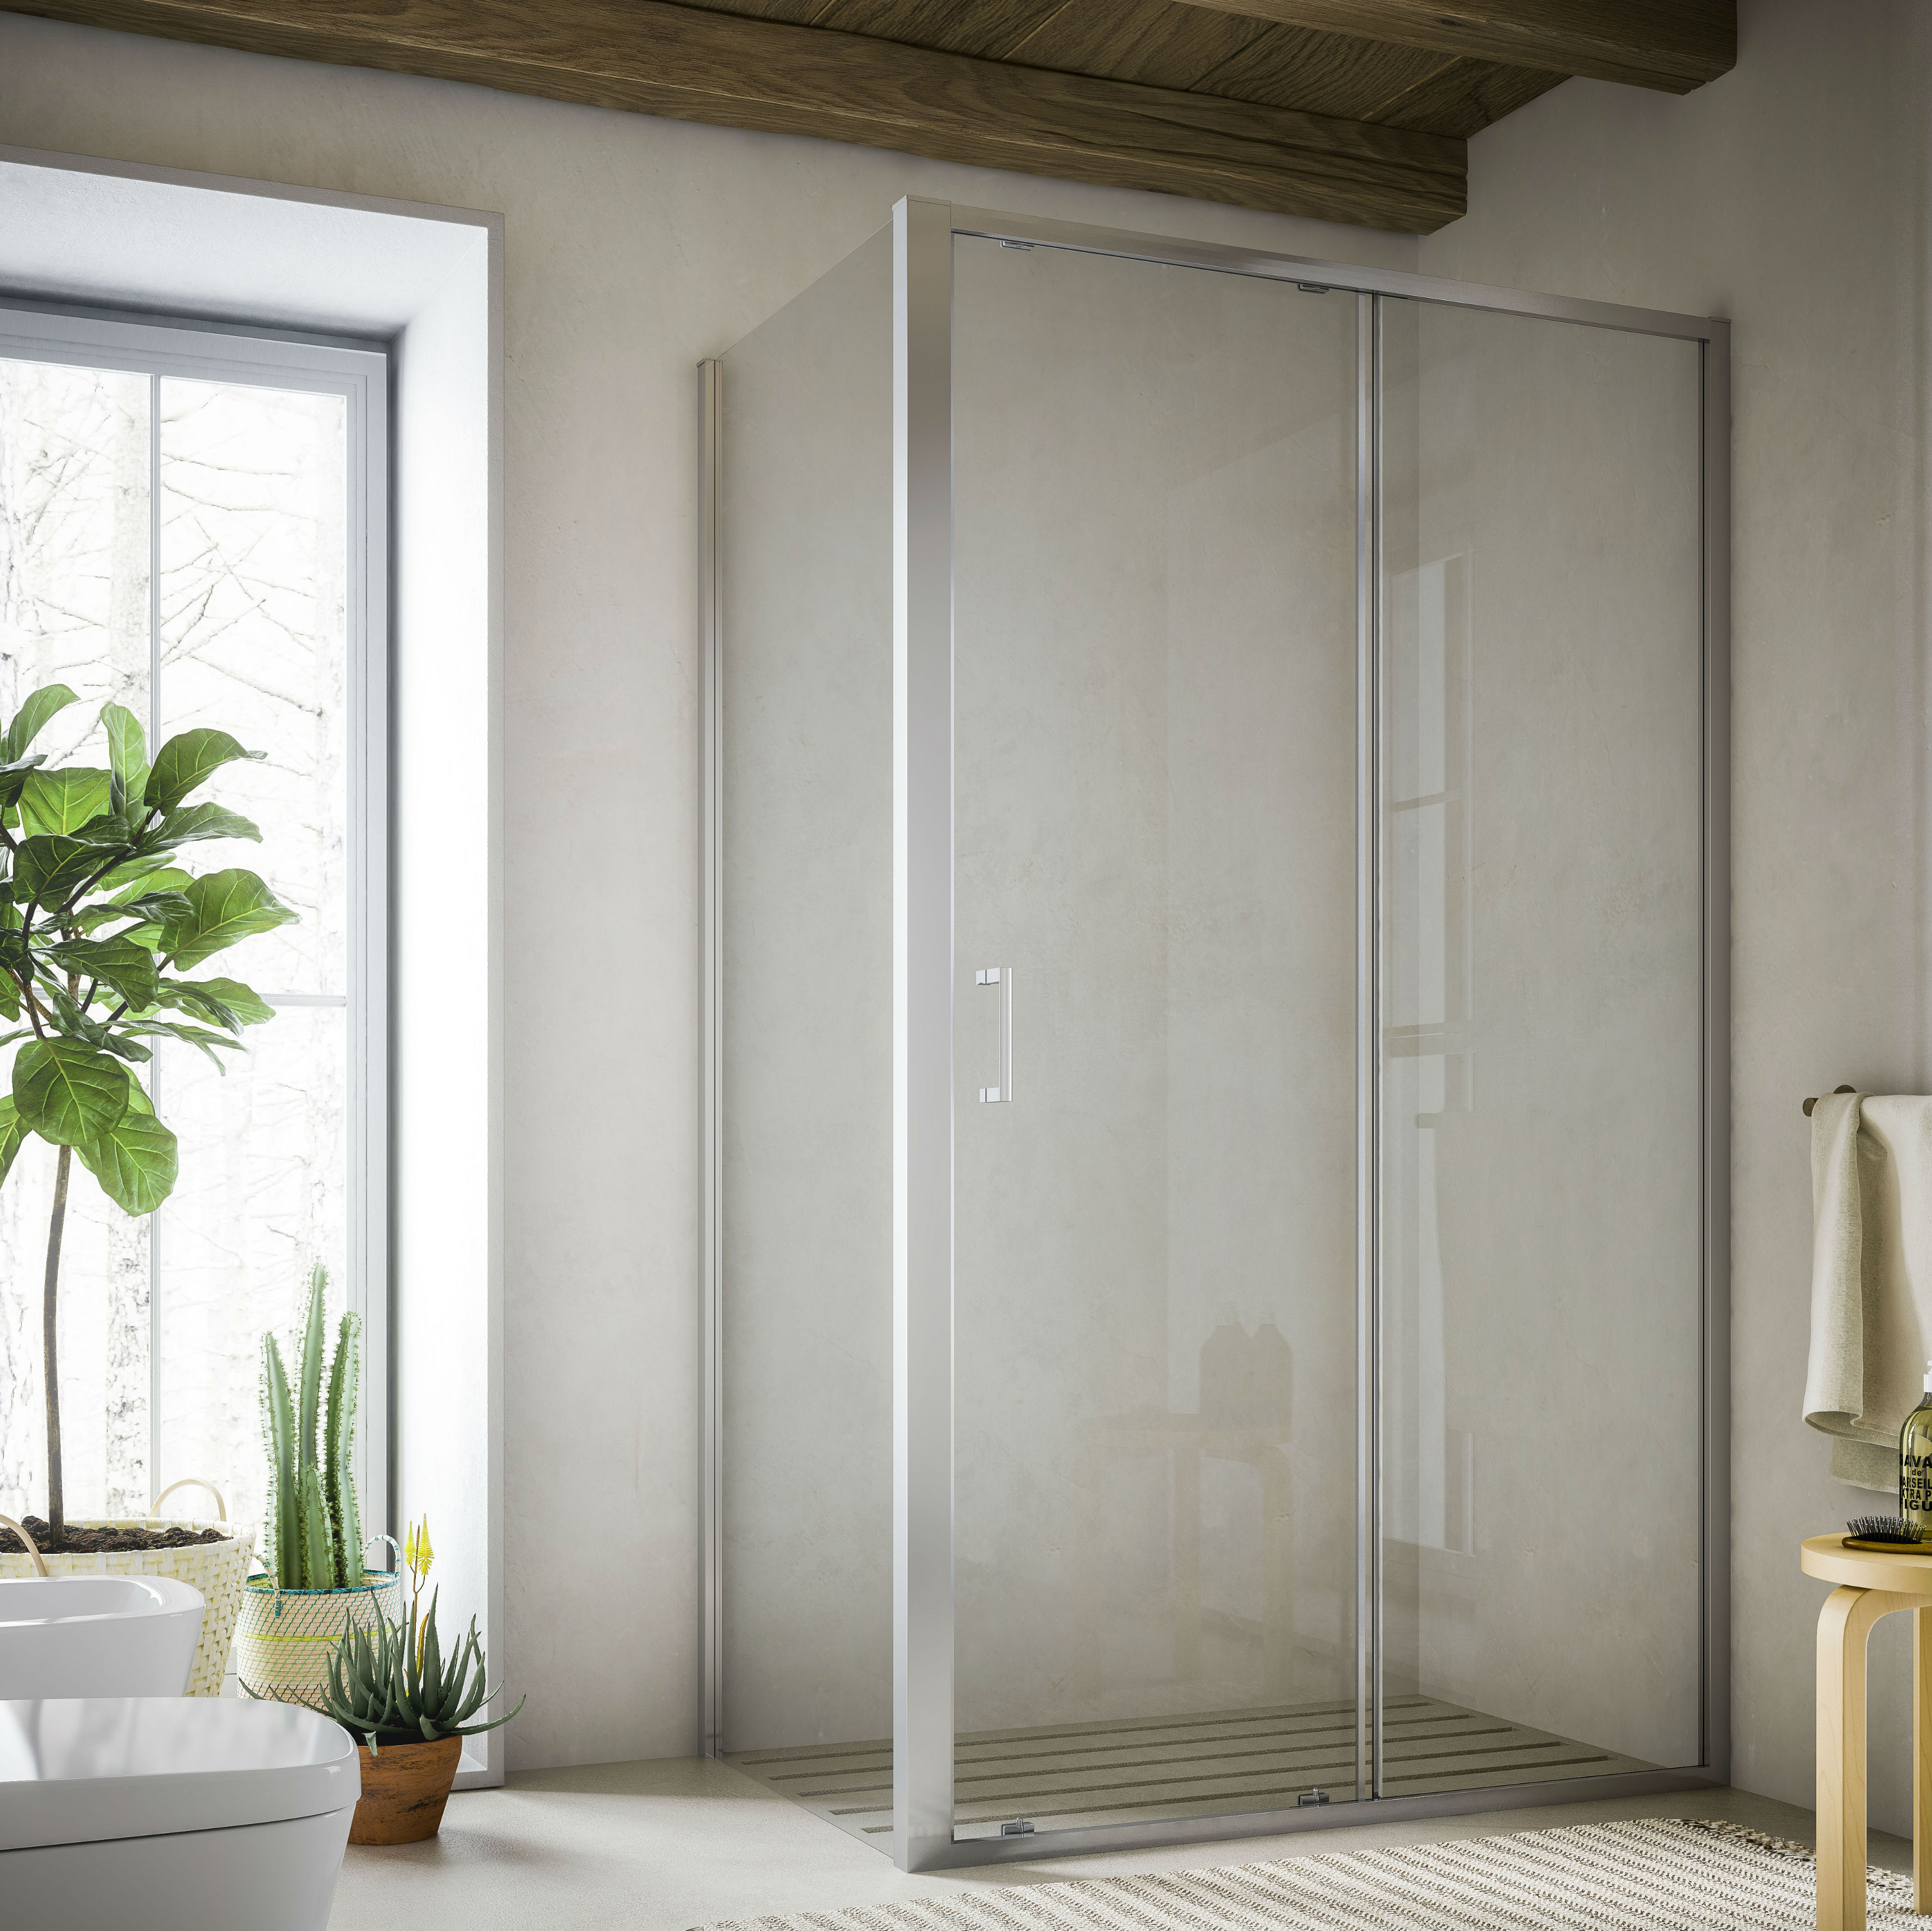 Cabina de duș cu usa glisanta MOMH soho glass